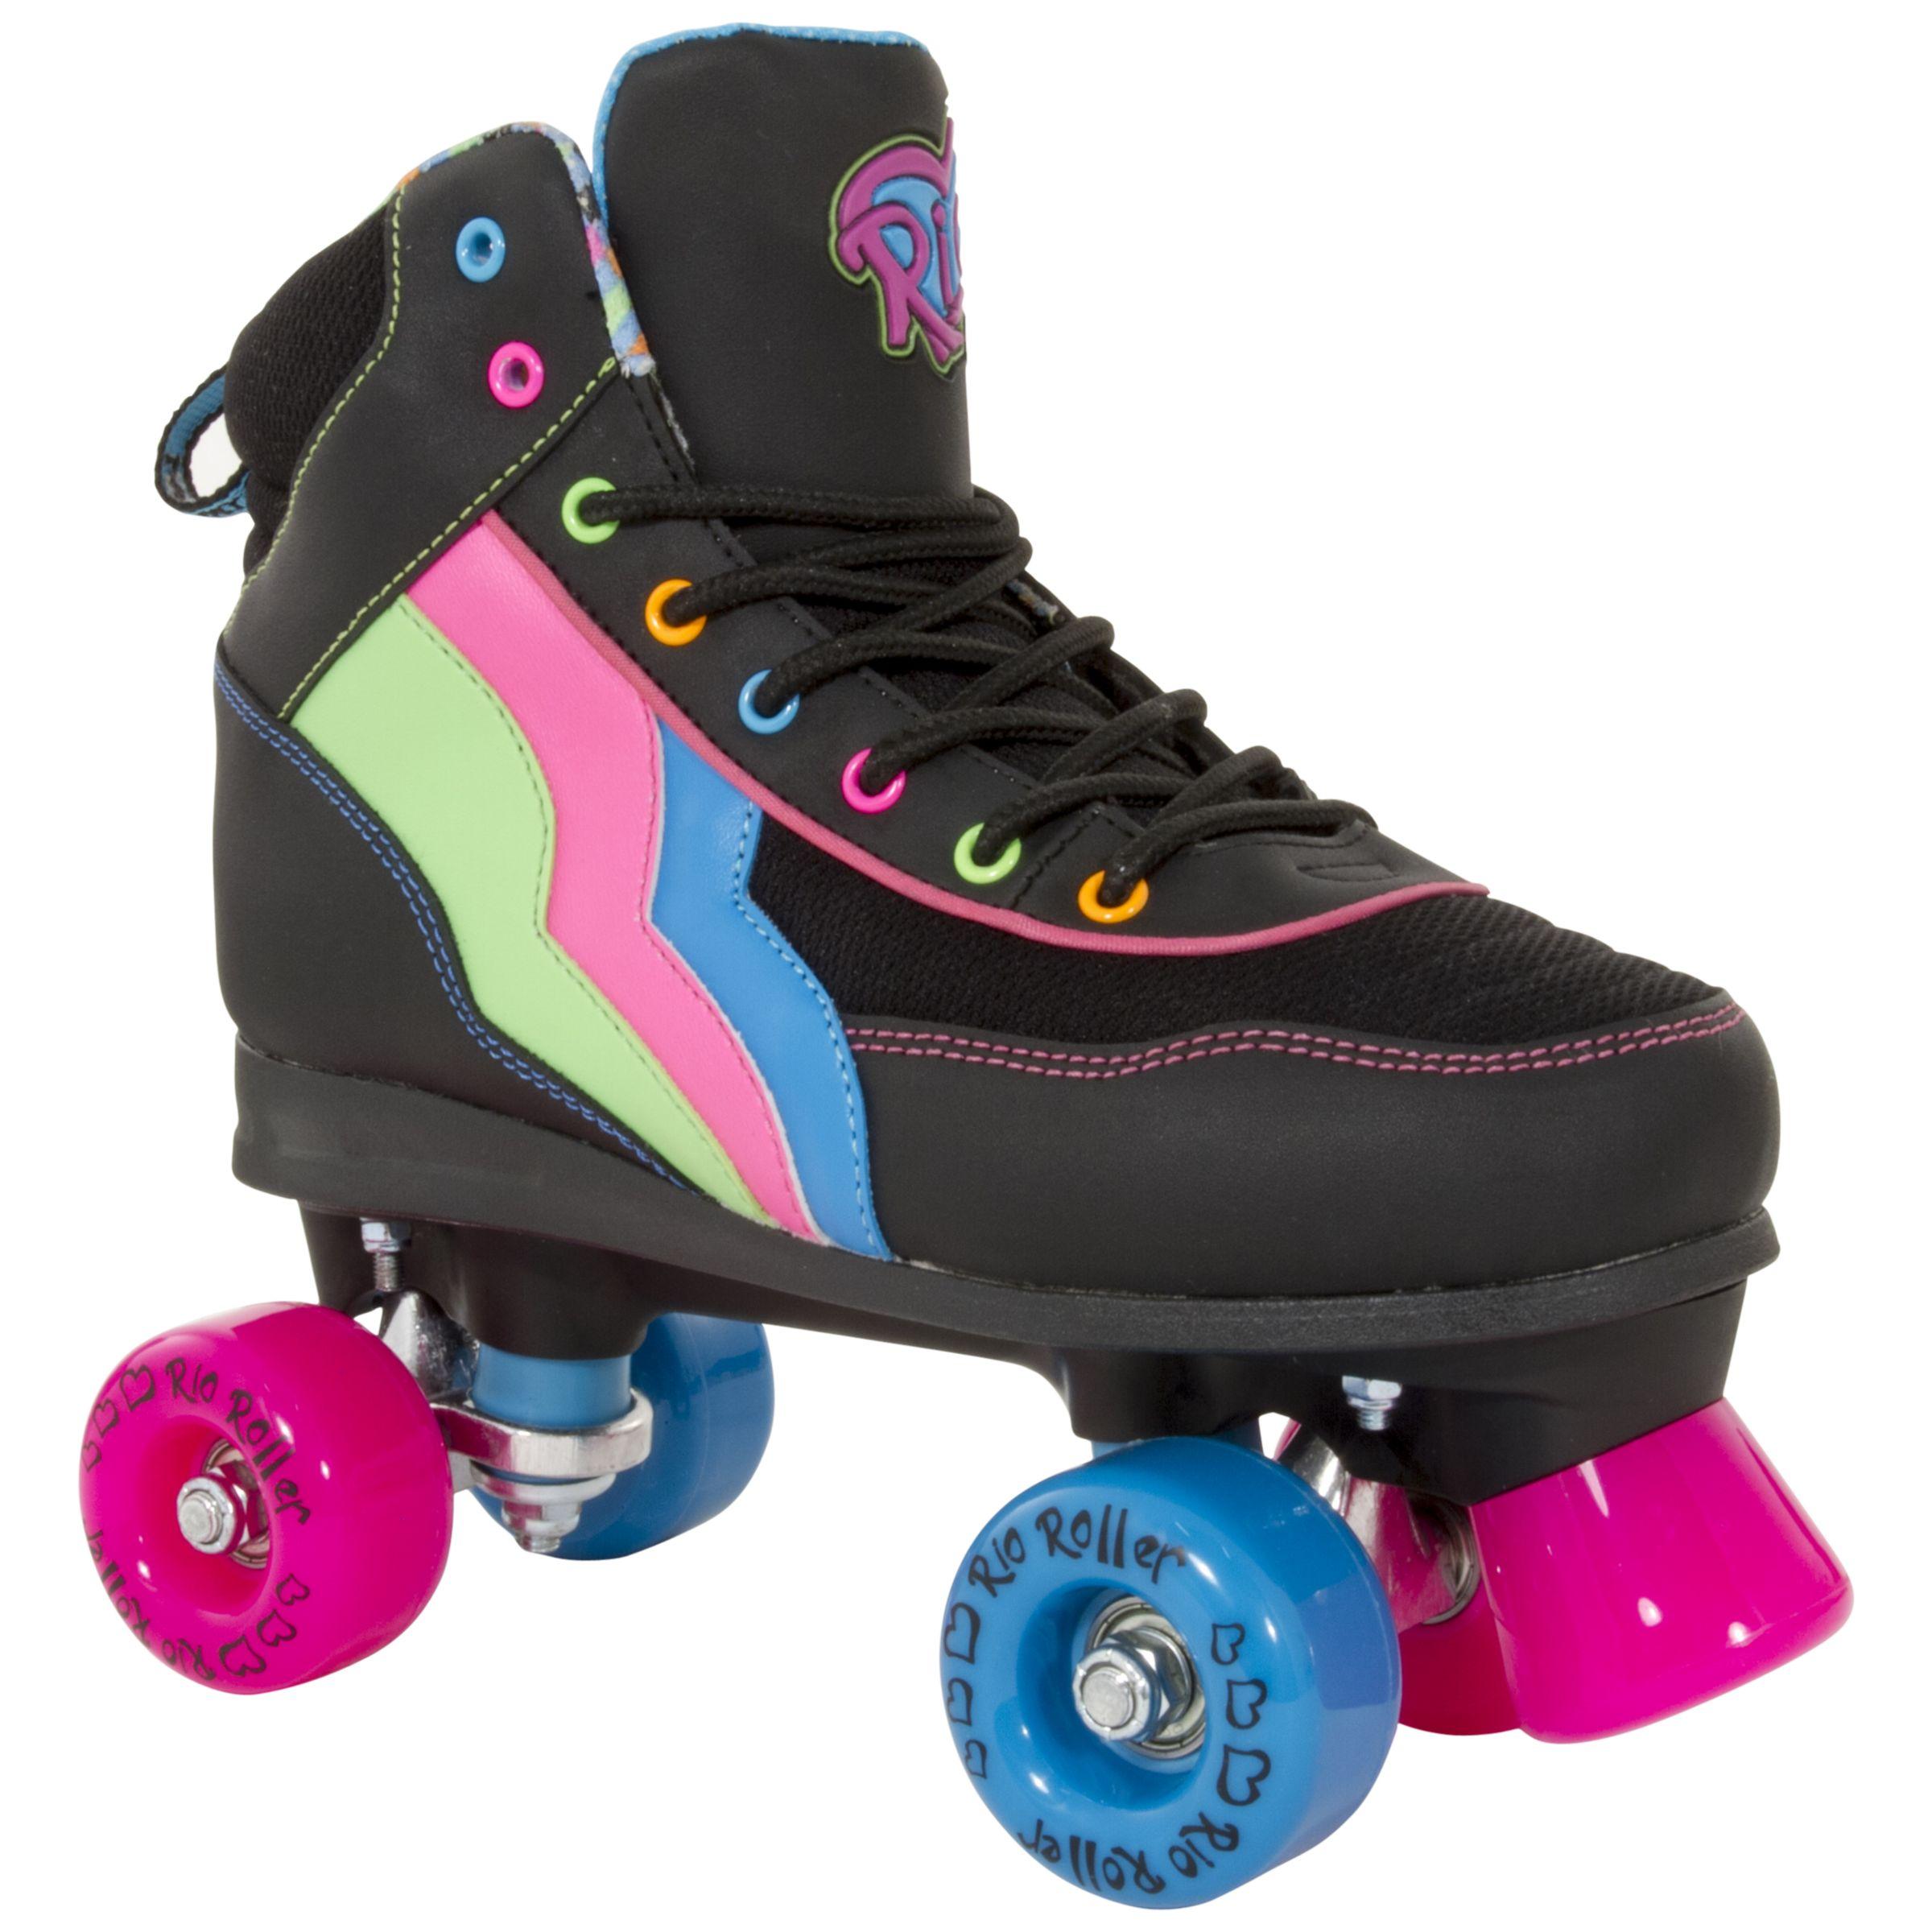 Rio Roller Rio Roller Skates